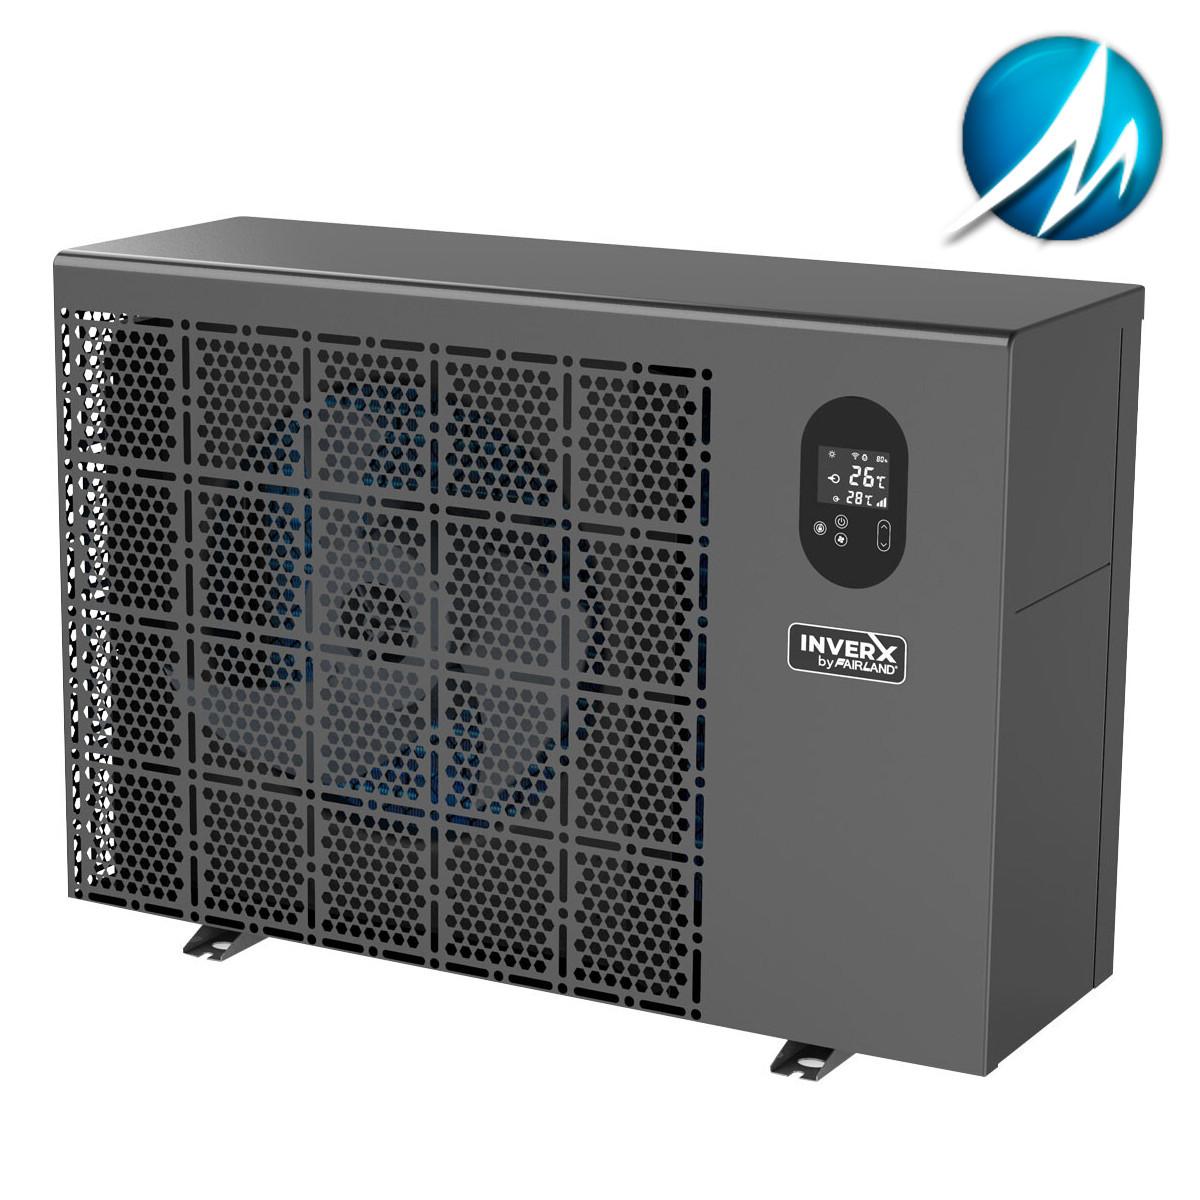 Тепловой инверторный насос Fairland InverX56 21.5 кВт